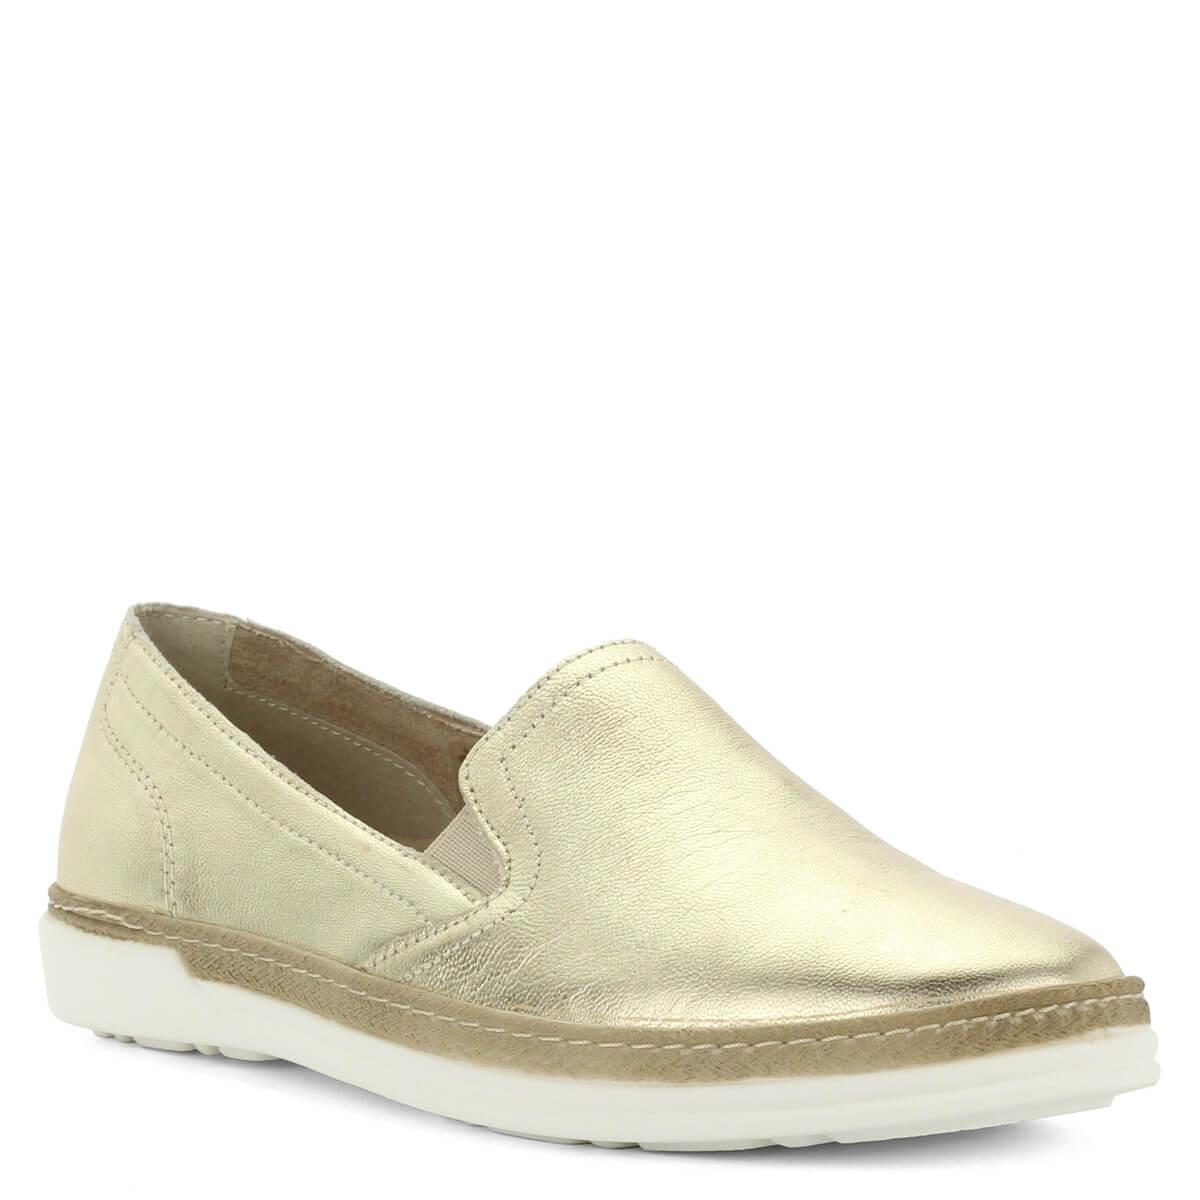 d79efd0b54 Aeros arany bőr slipon. Kényelmes olasz gyártású, bőrből készült könnyű női  cipő.